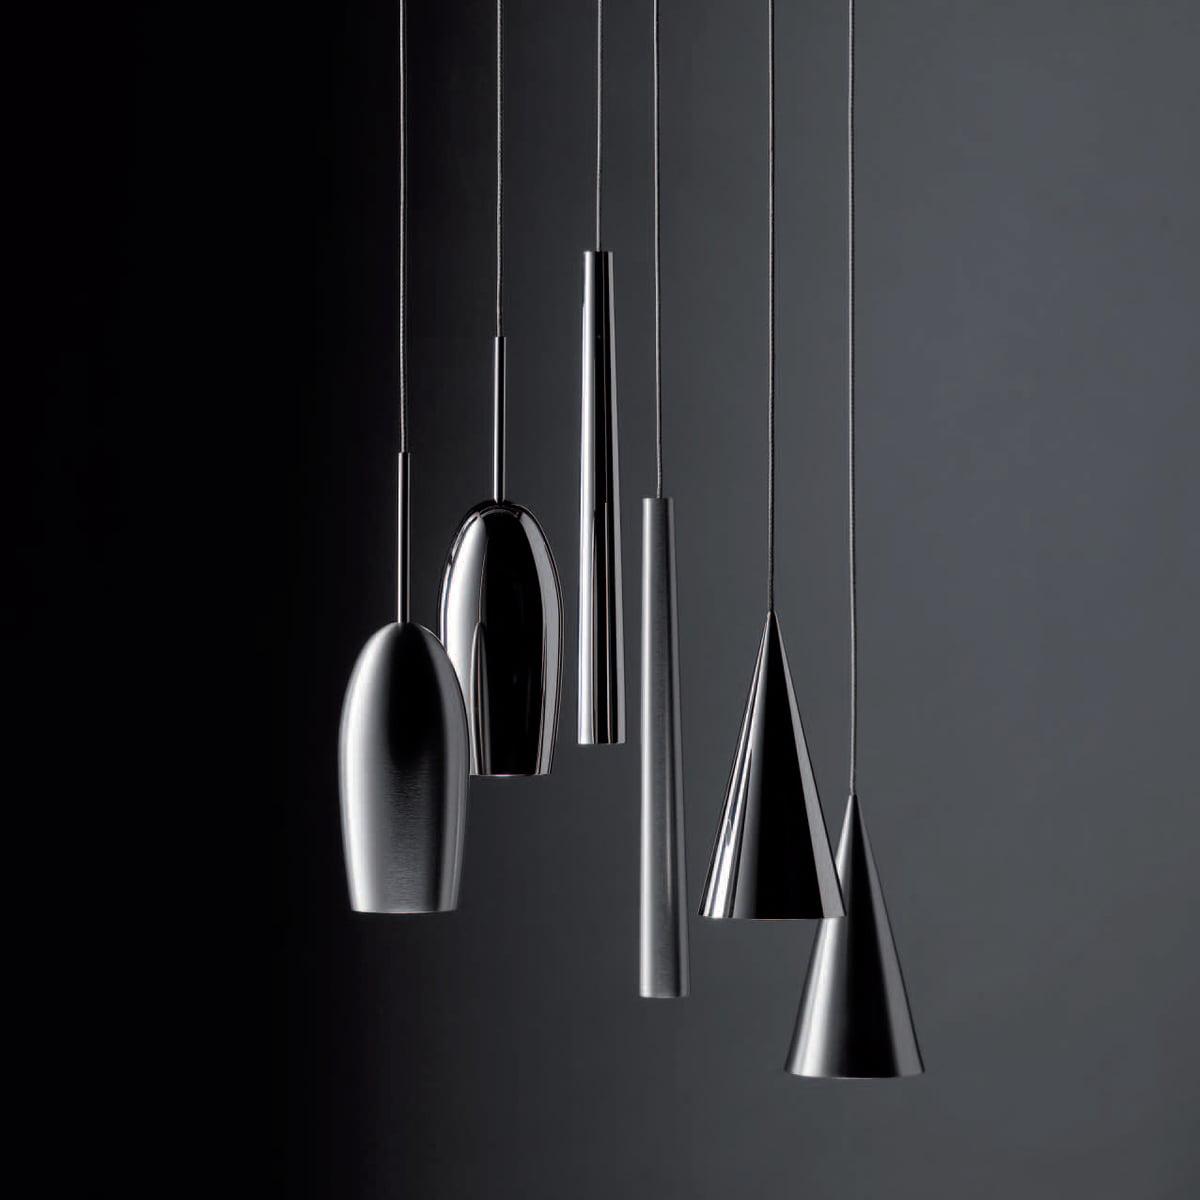 Flute metall pendelleuchte led von steng licht for Licht leuchten